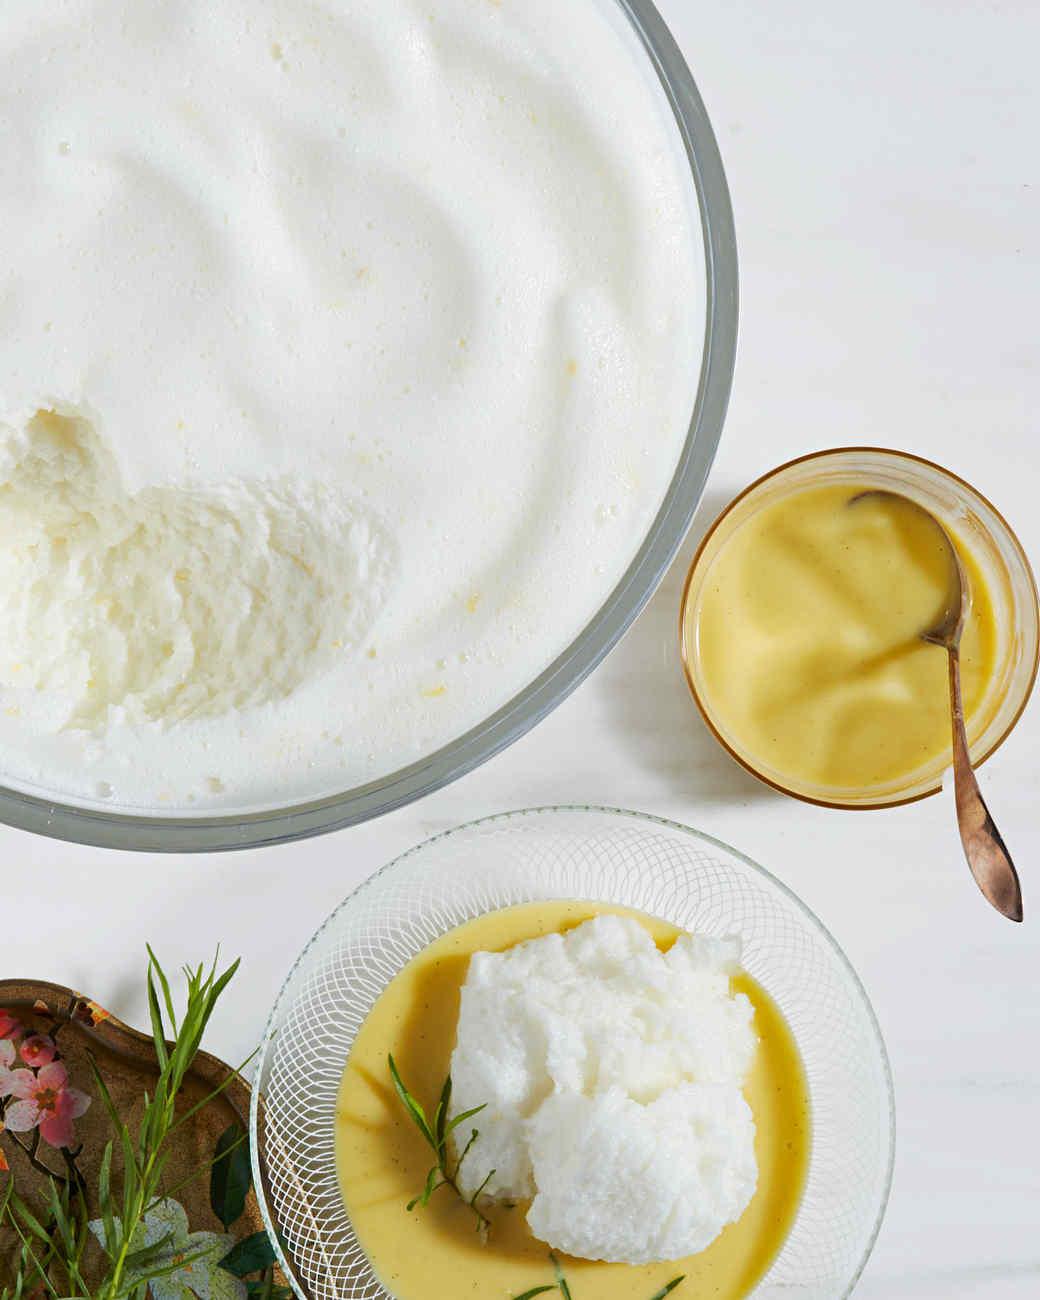 lemony-snow-pudding-with-tarragon-creme-anglaise-102797703.jpg